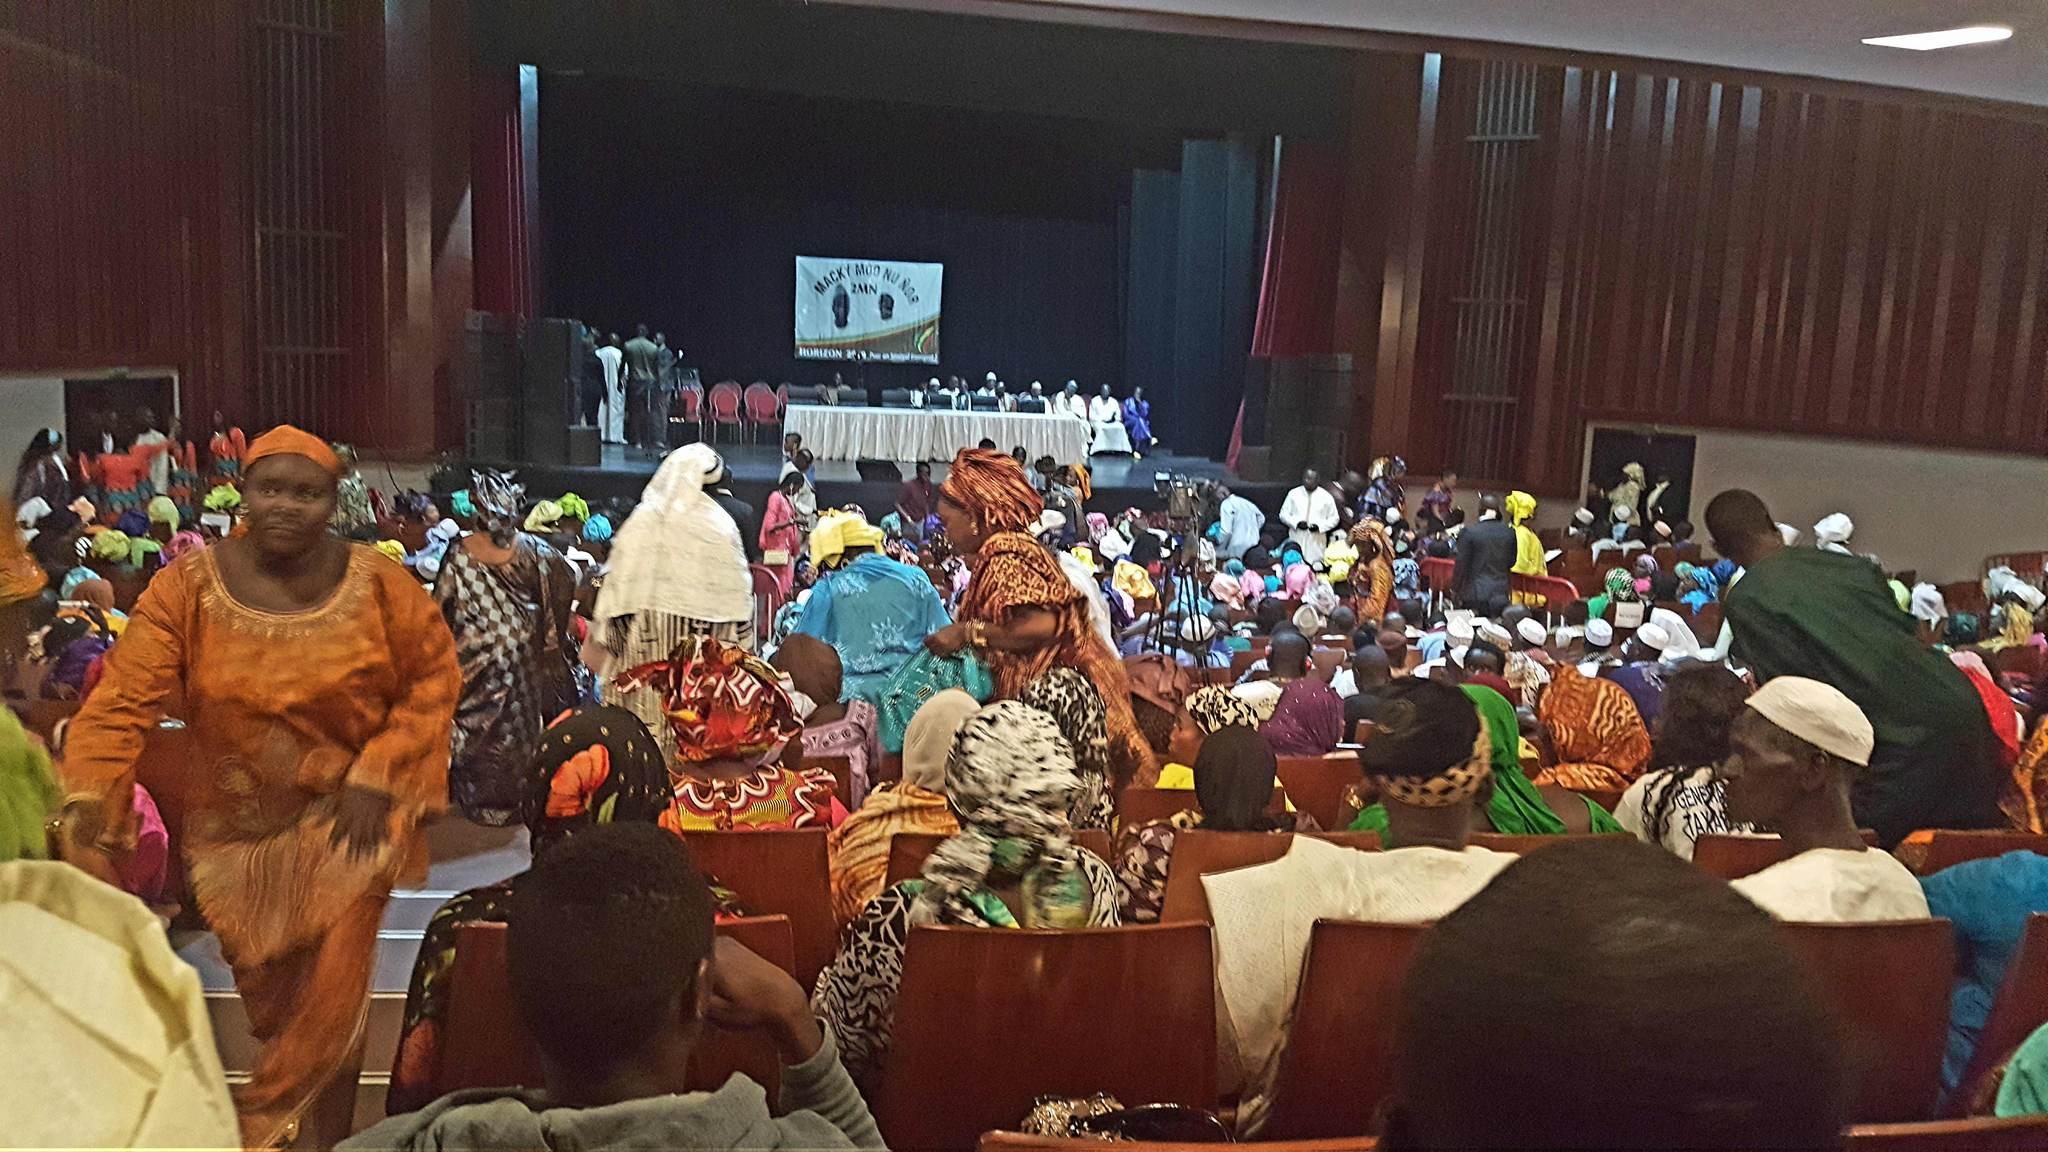 Quelques images de la cérémonie de lancement du mouvement MACKY MOO GNOU DOOY/HORIZON 2019